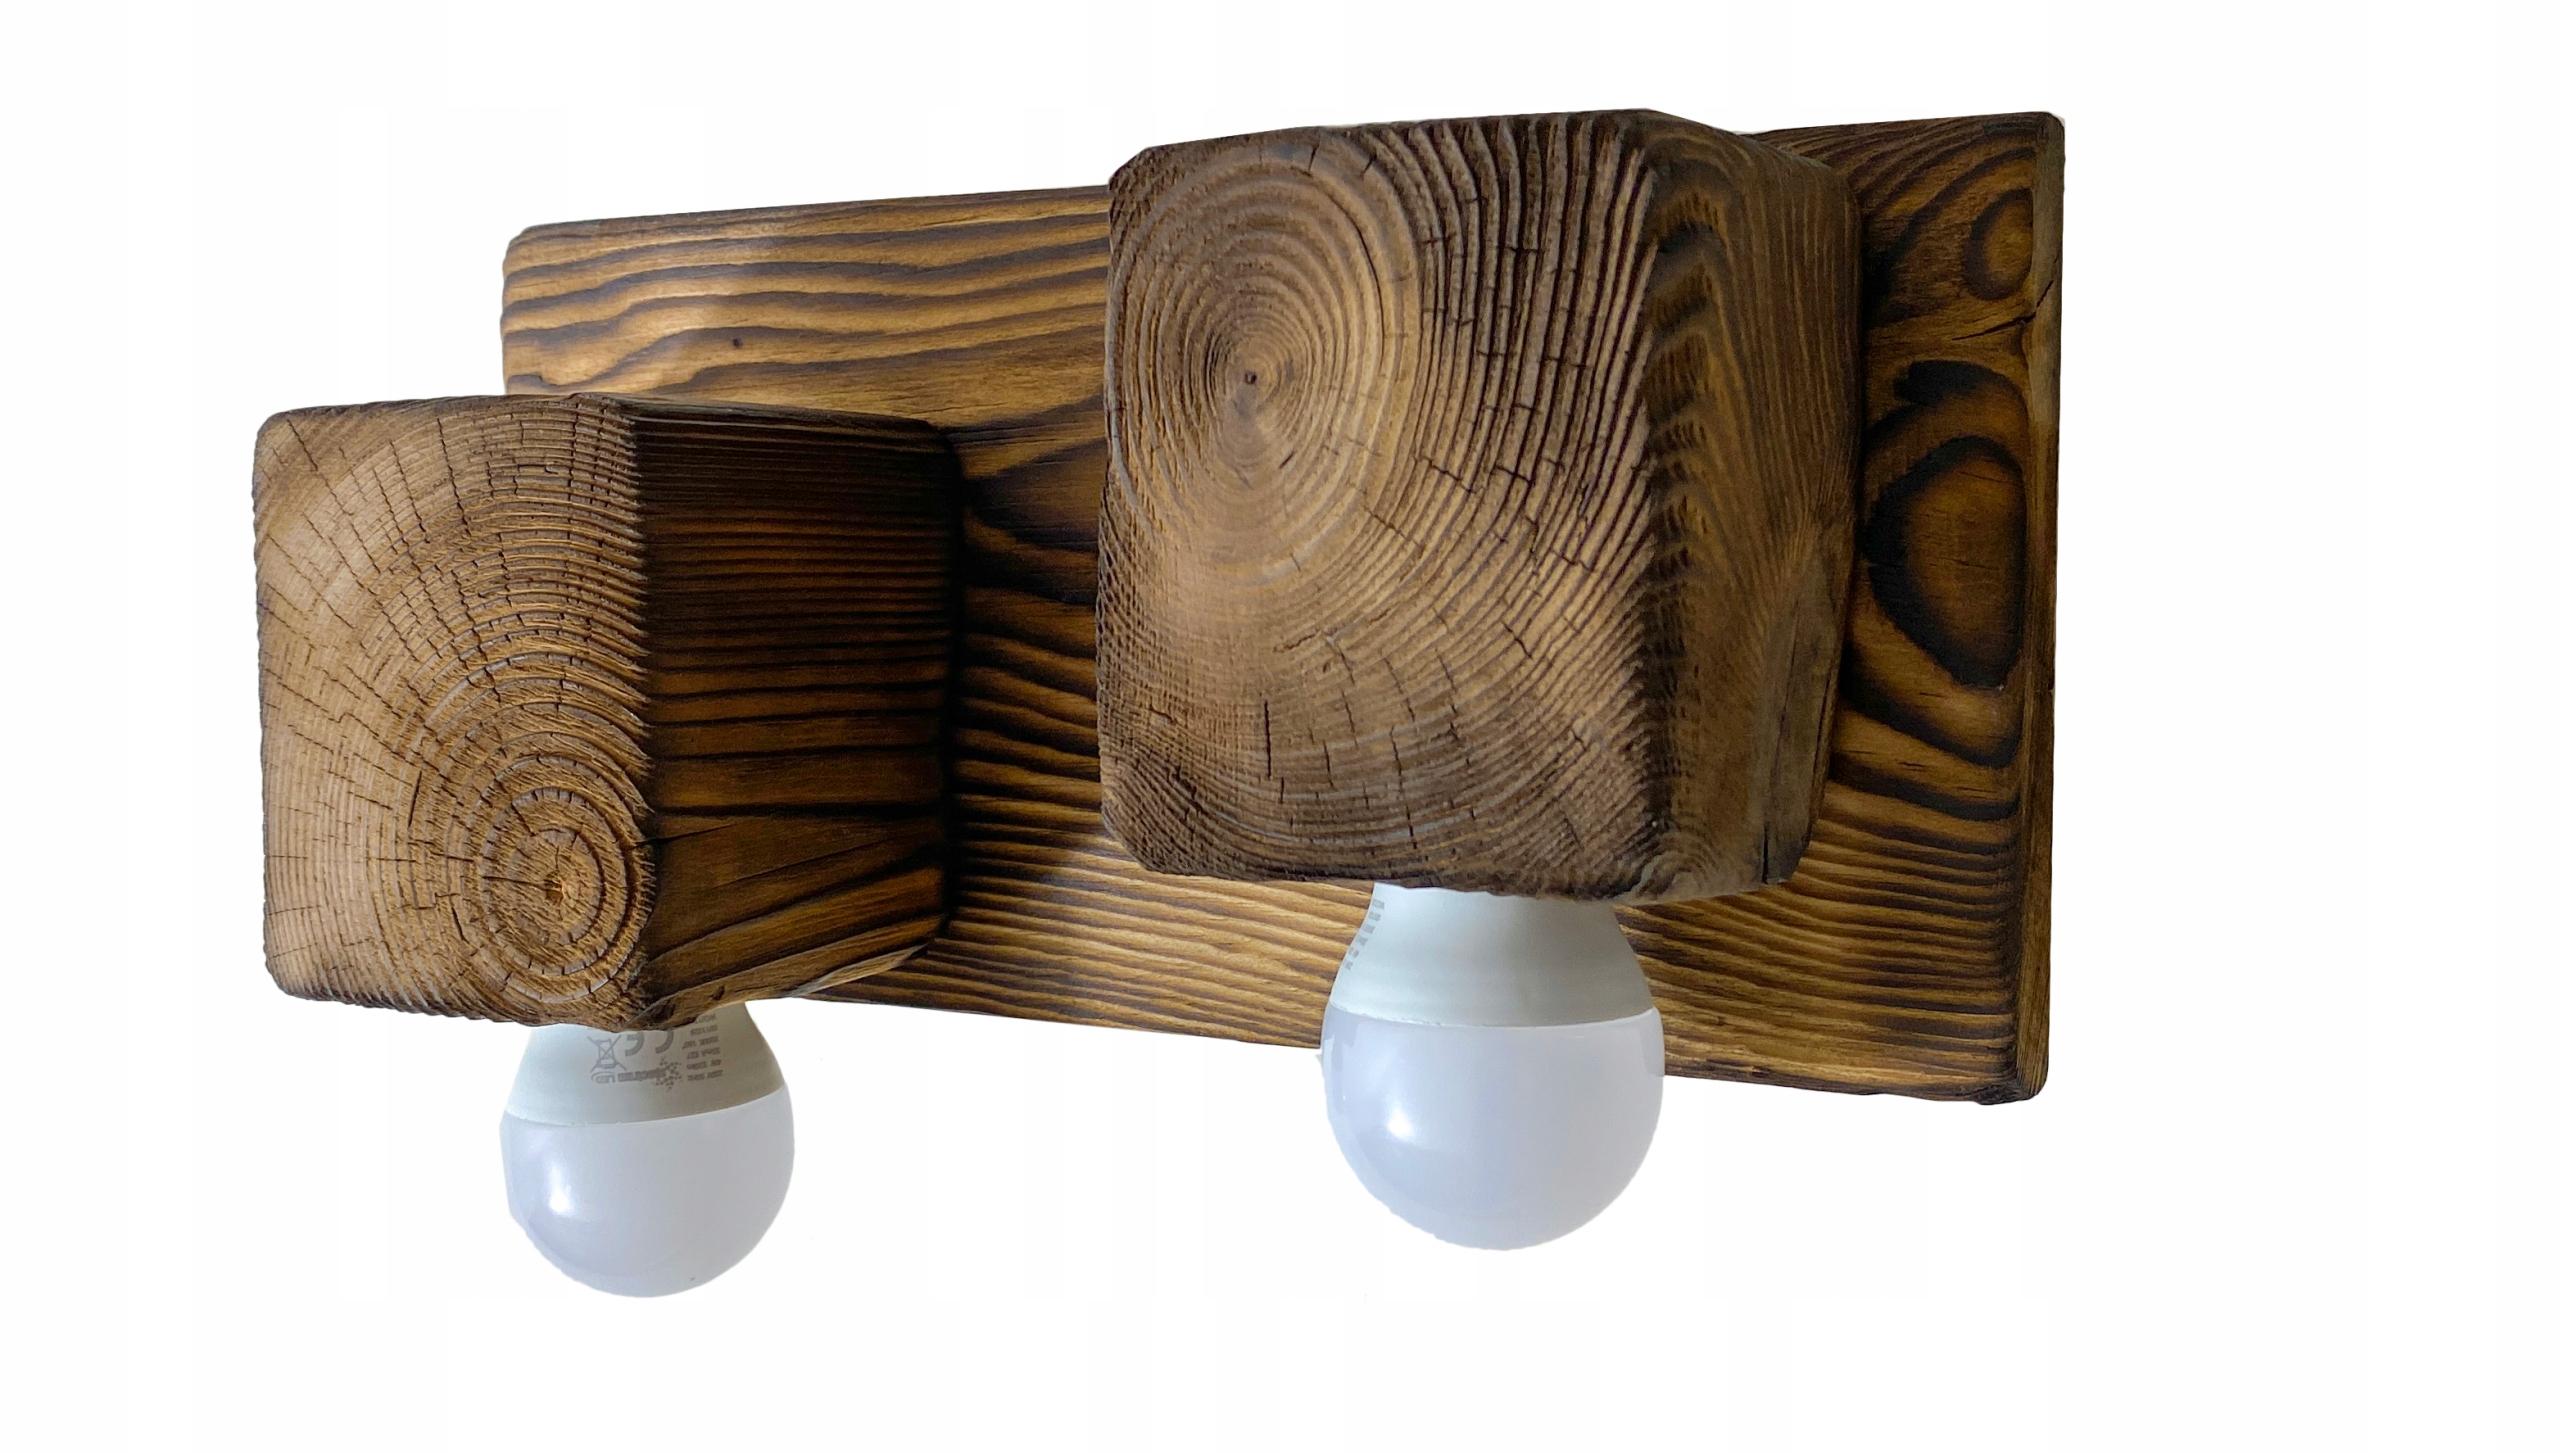 Nástenné svietidlo drevené lampa loft nástenné svietidlo retro